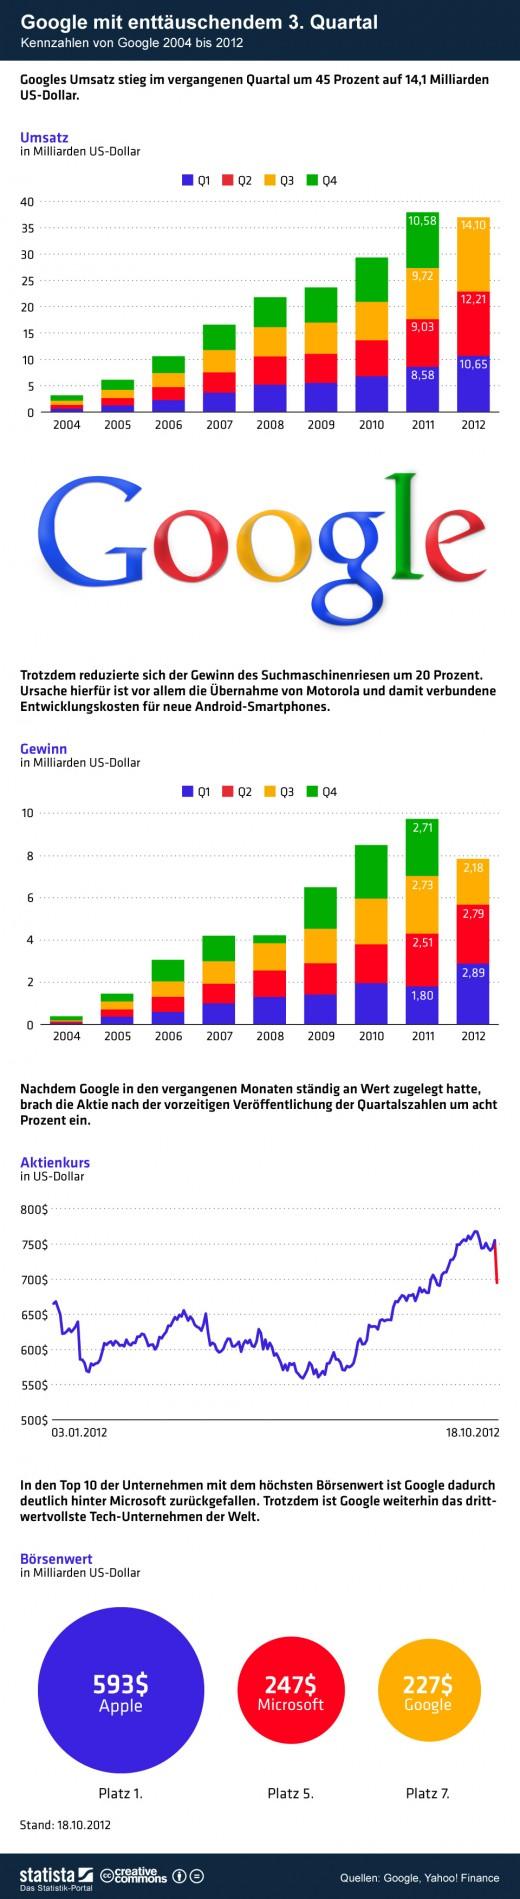 Umsatz, Gewinn und Aktienkurs: Kennzahlen von Google im Überblick [Statistik]